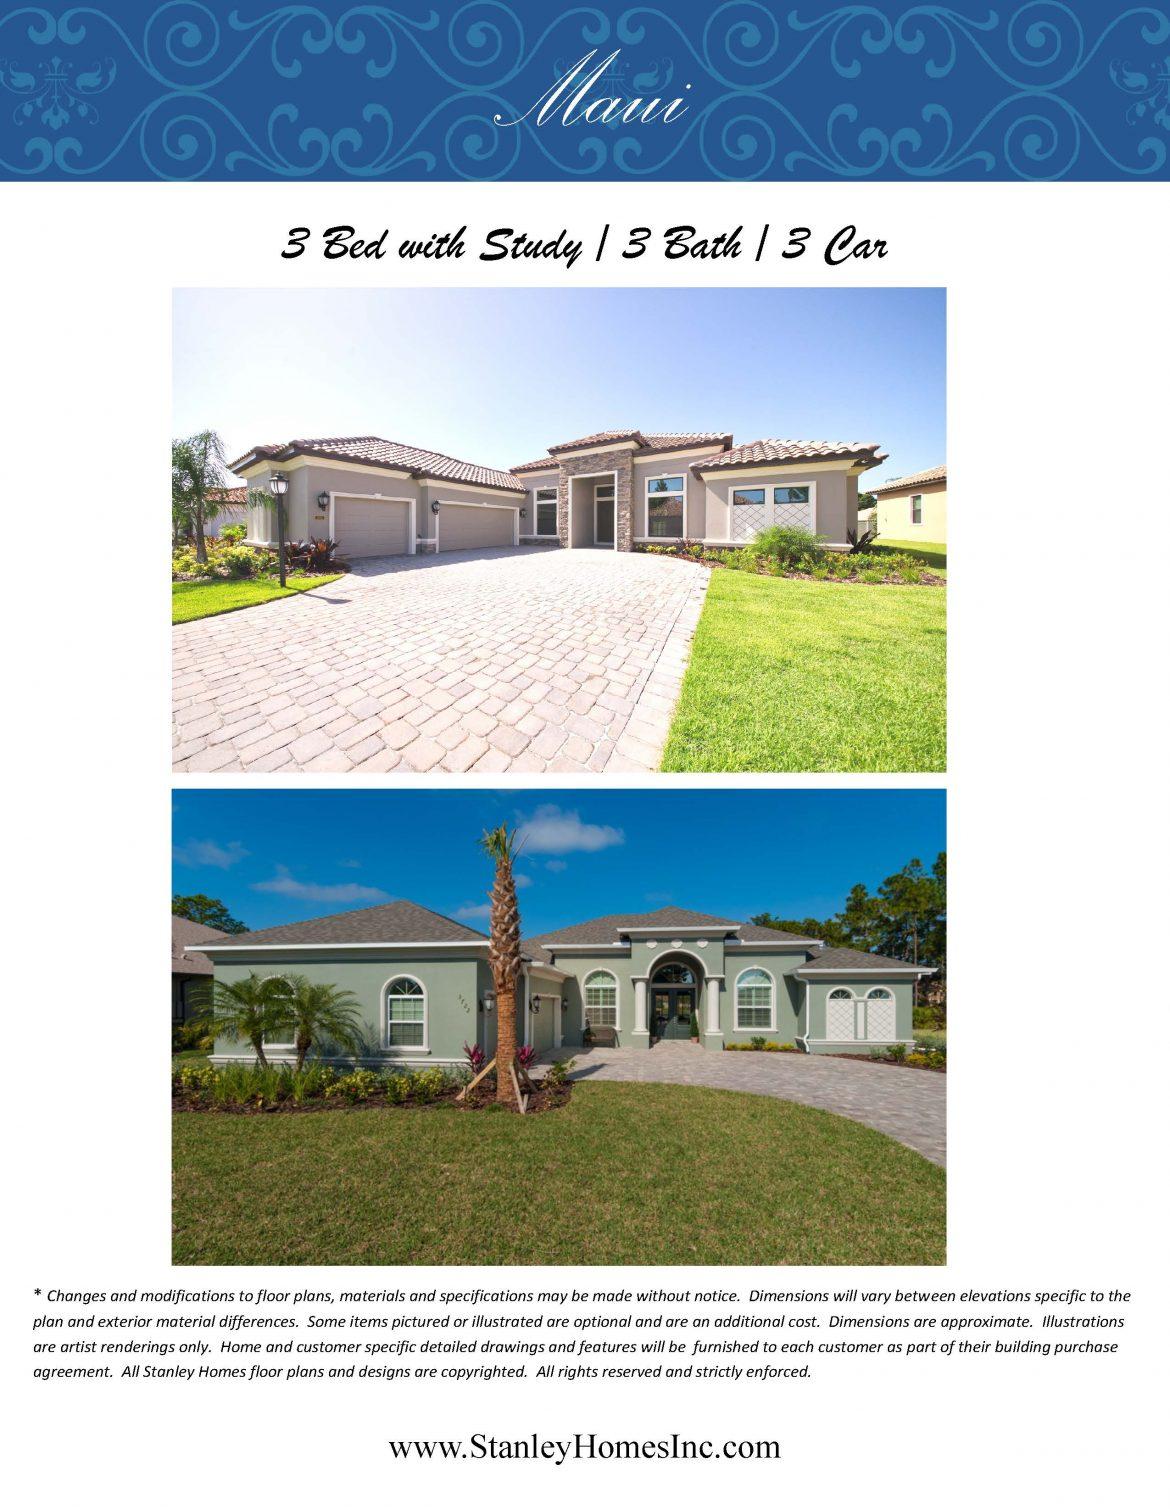 Maui Floor plan elevation brochure Stanley Homes Brevard FL